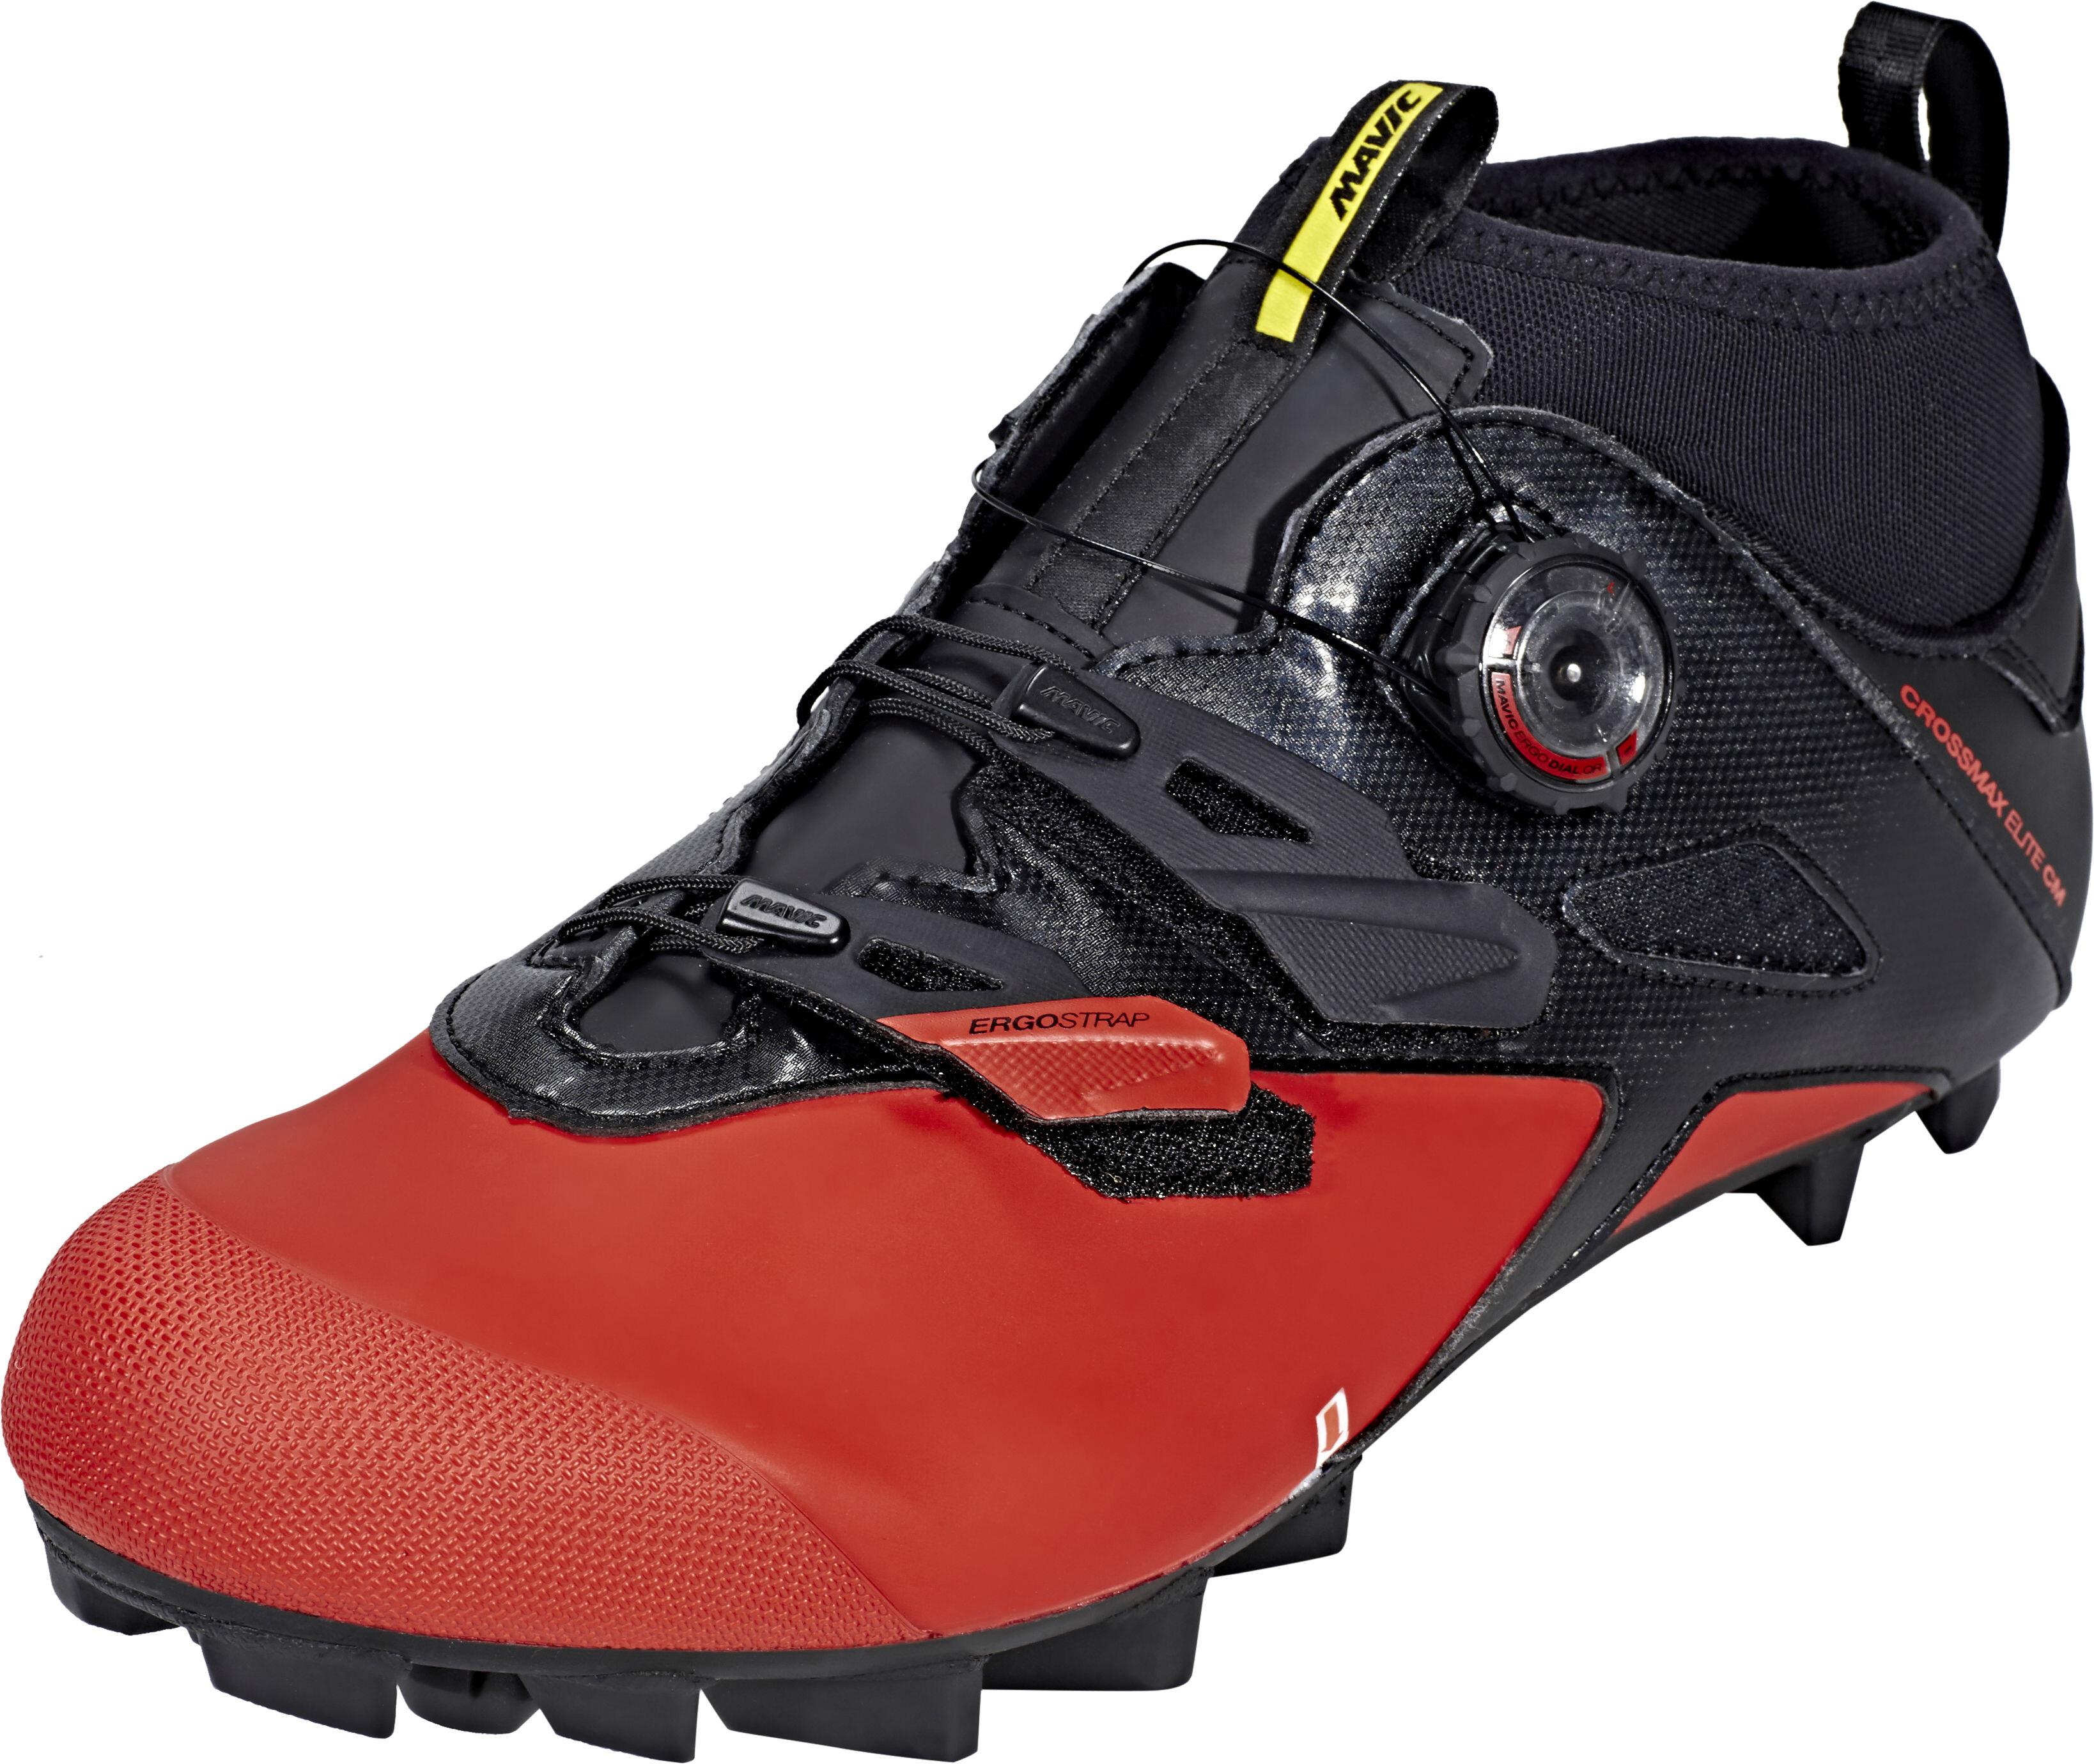 825b6fcce23b Mavic Crossmax Elite CM skor röd svart - till fenomenalt pris på ...